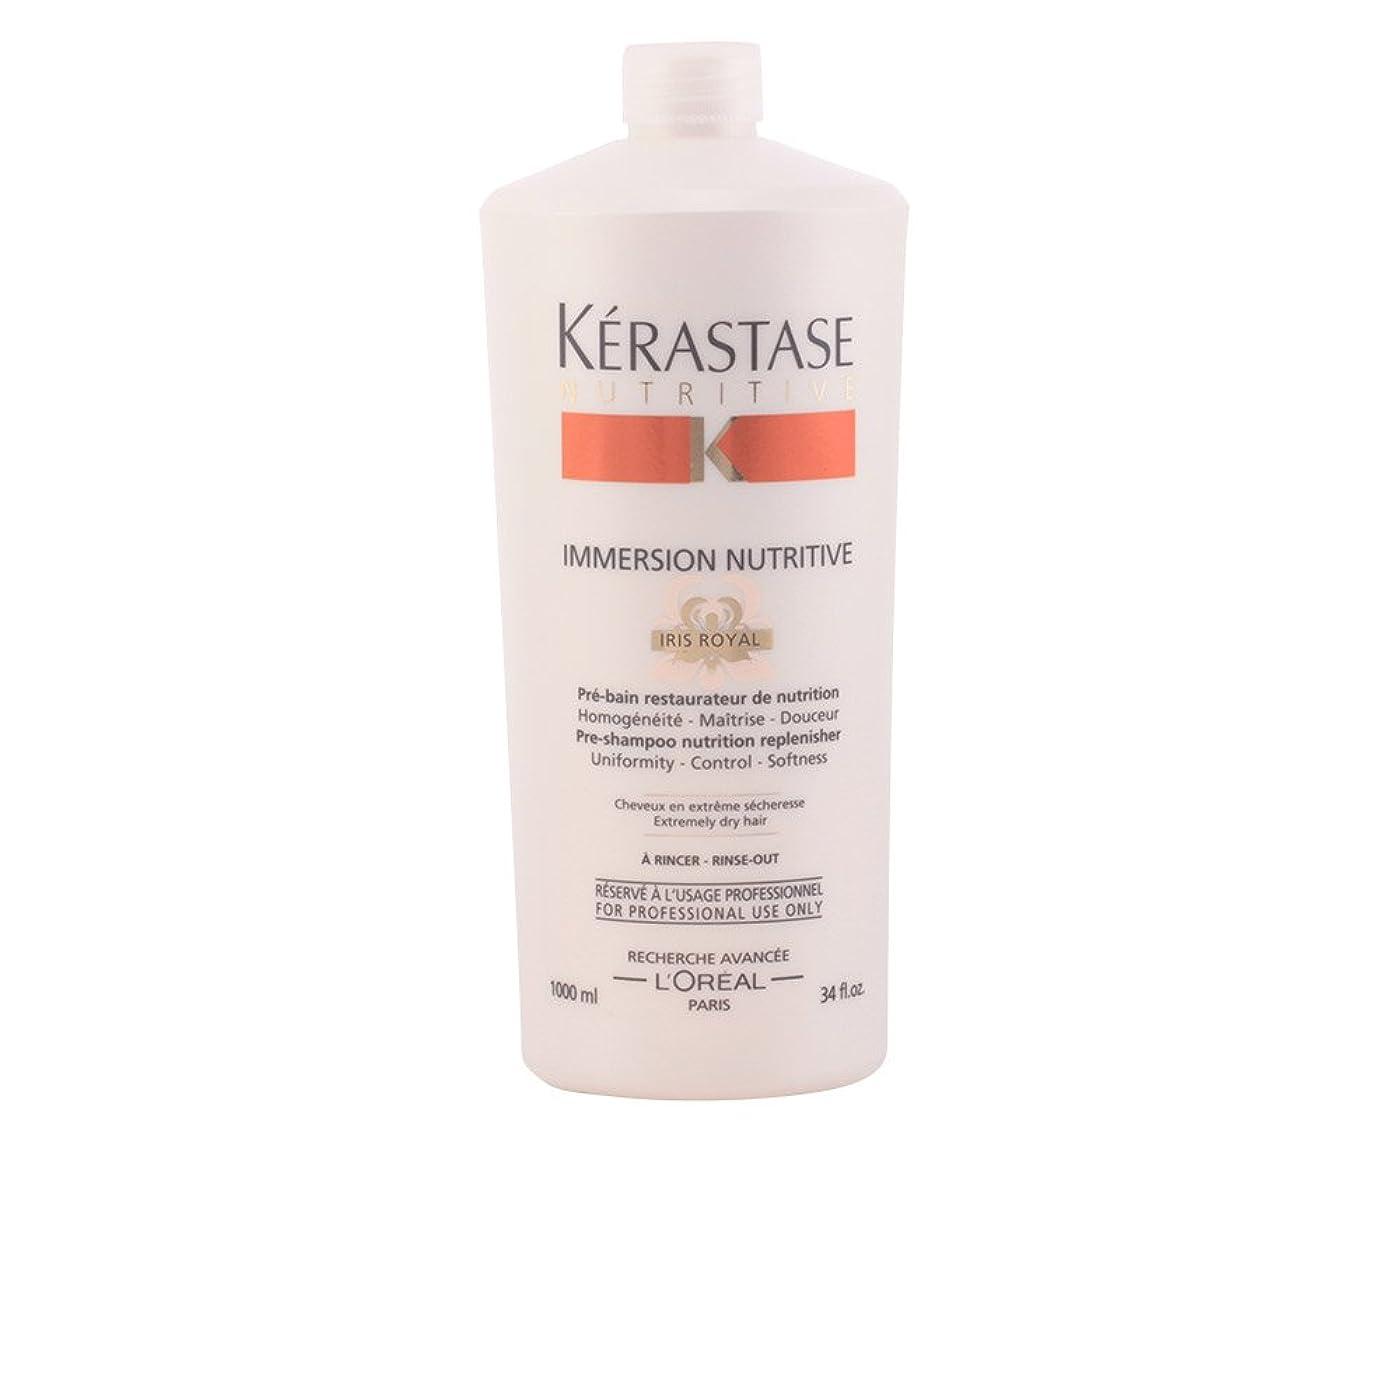 パフ単に便宜ケラスターゼ ニュートリティブ プレシャンプー ニュートリション リプレニッシャー (非常に乾燥した髪用) 1000ml/34oz